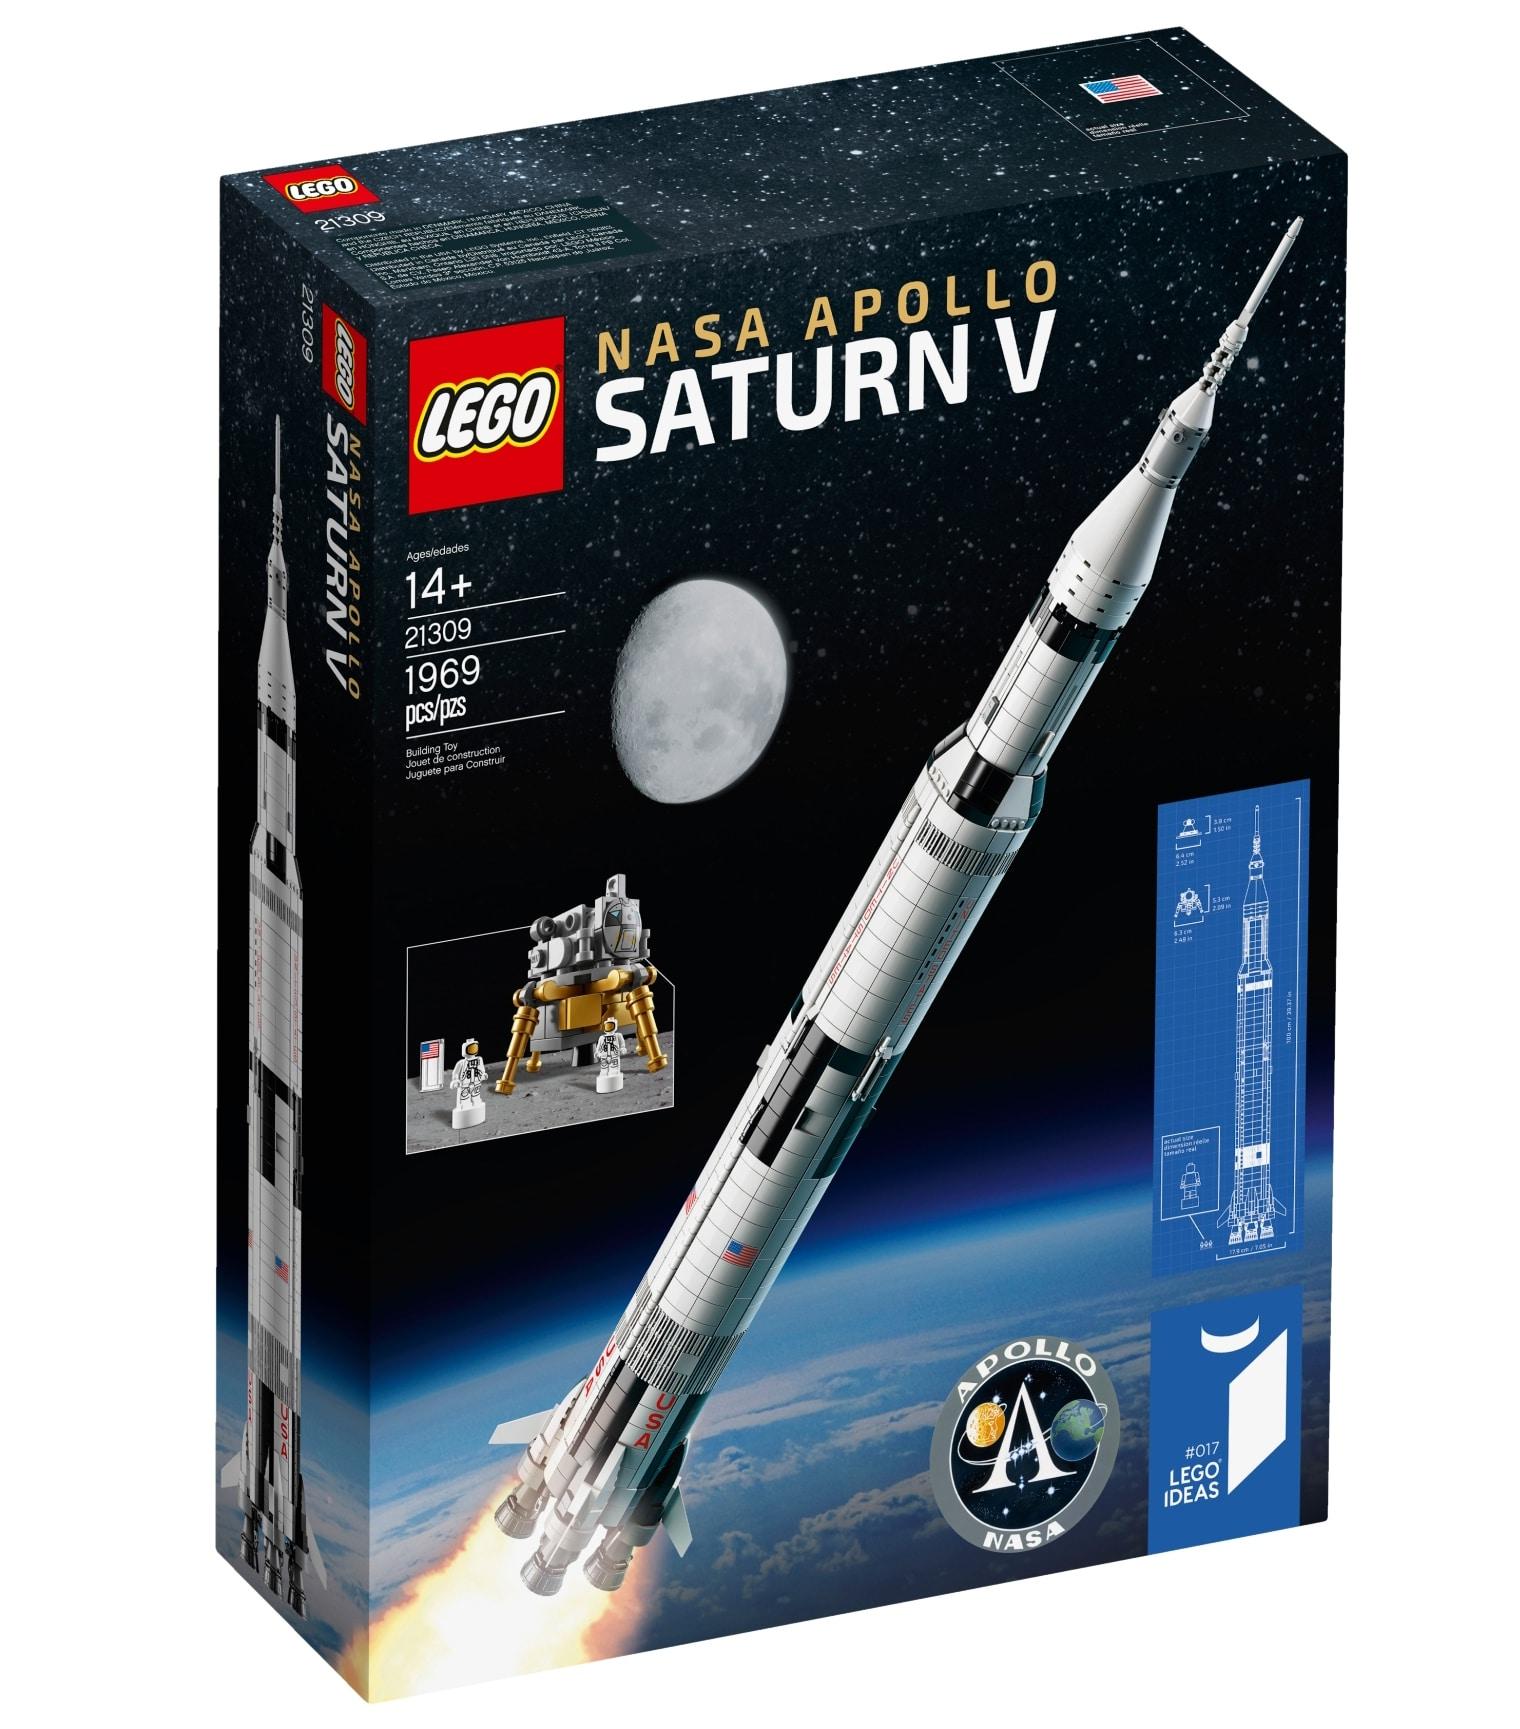 LEGO 21309 Box